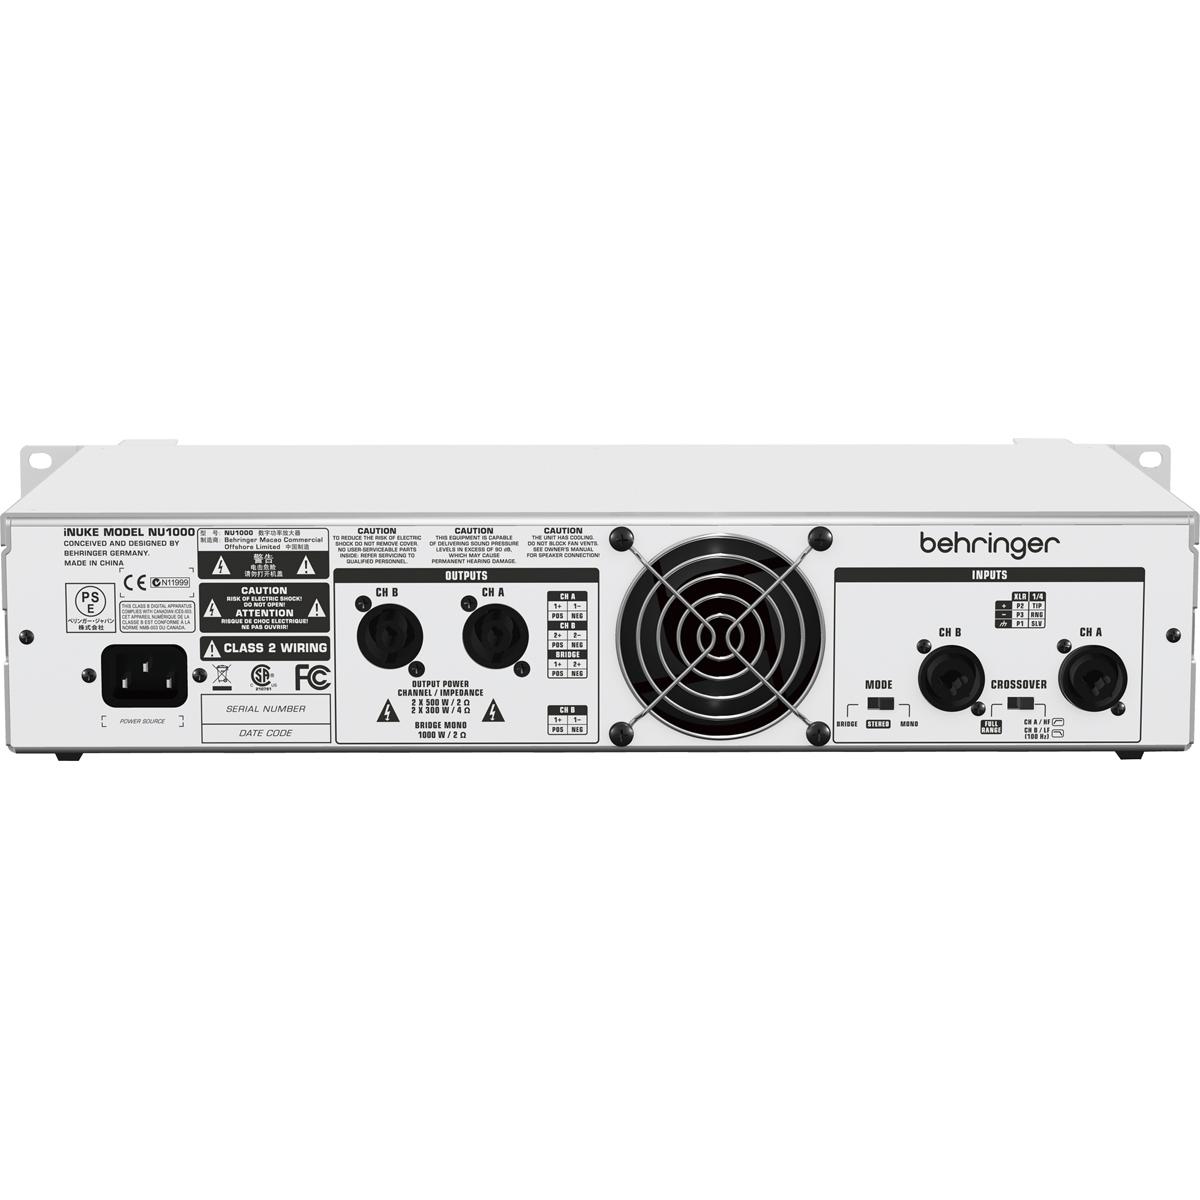 Amplificador Estéreo 2 Canais 1000W c/ Crossover NU 1000 - Behringer